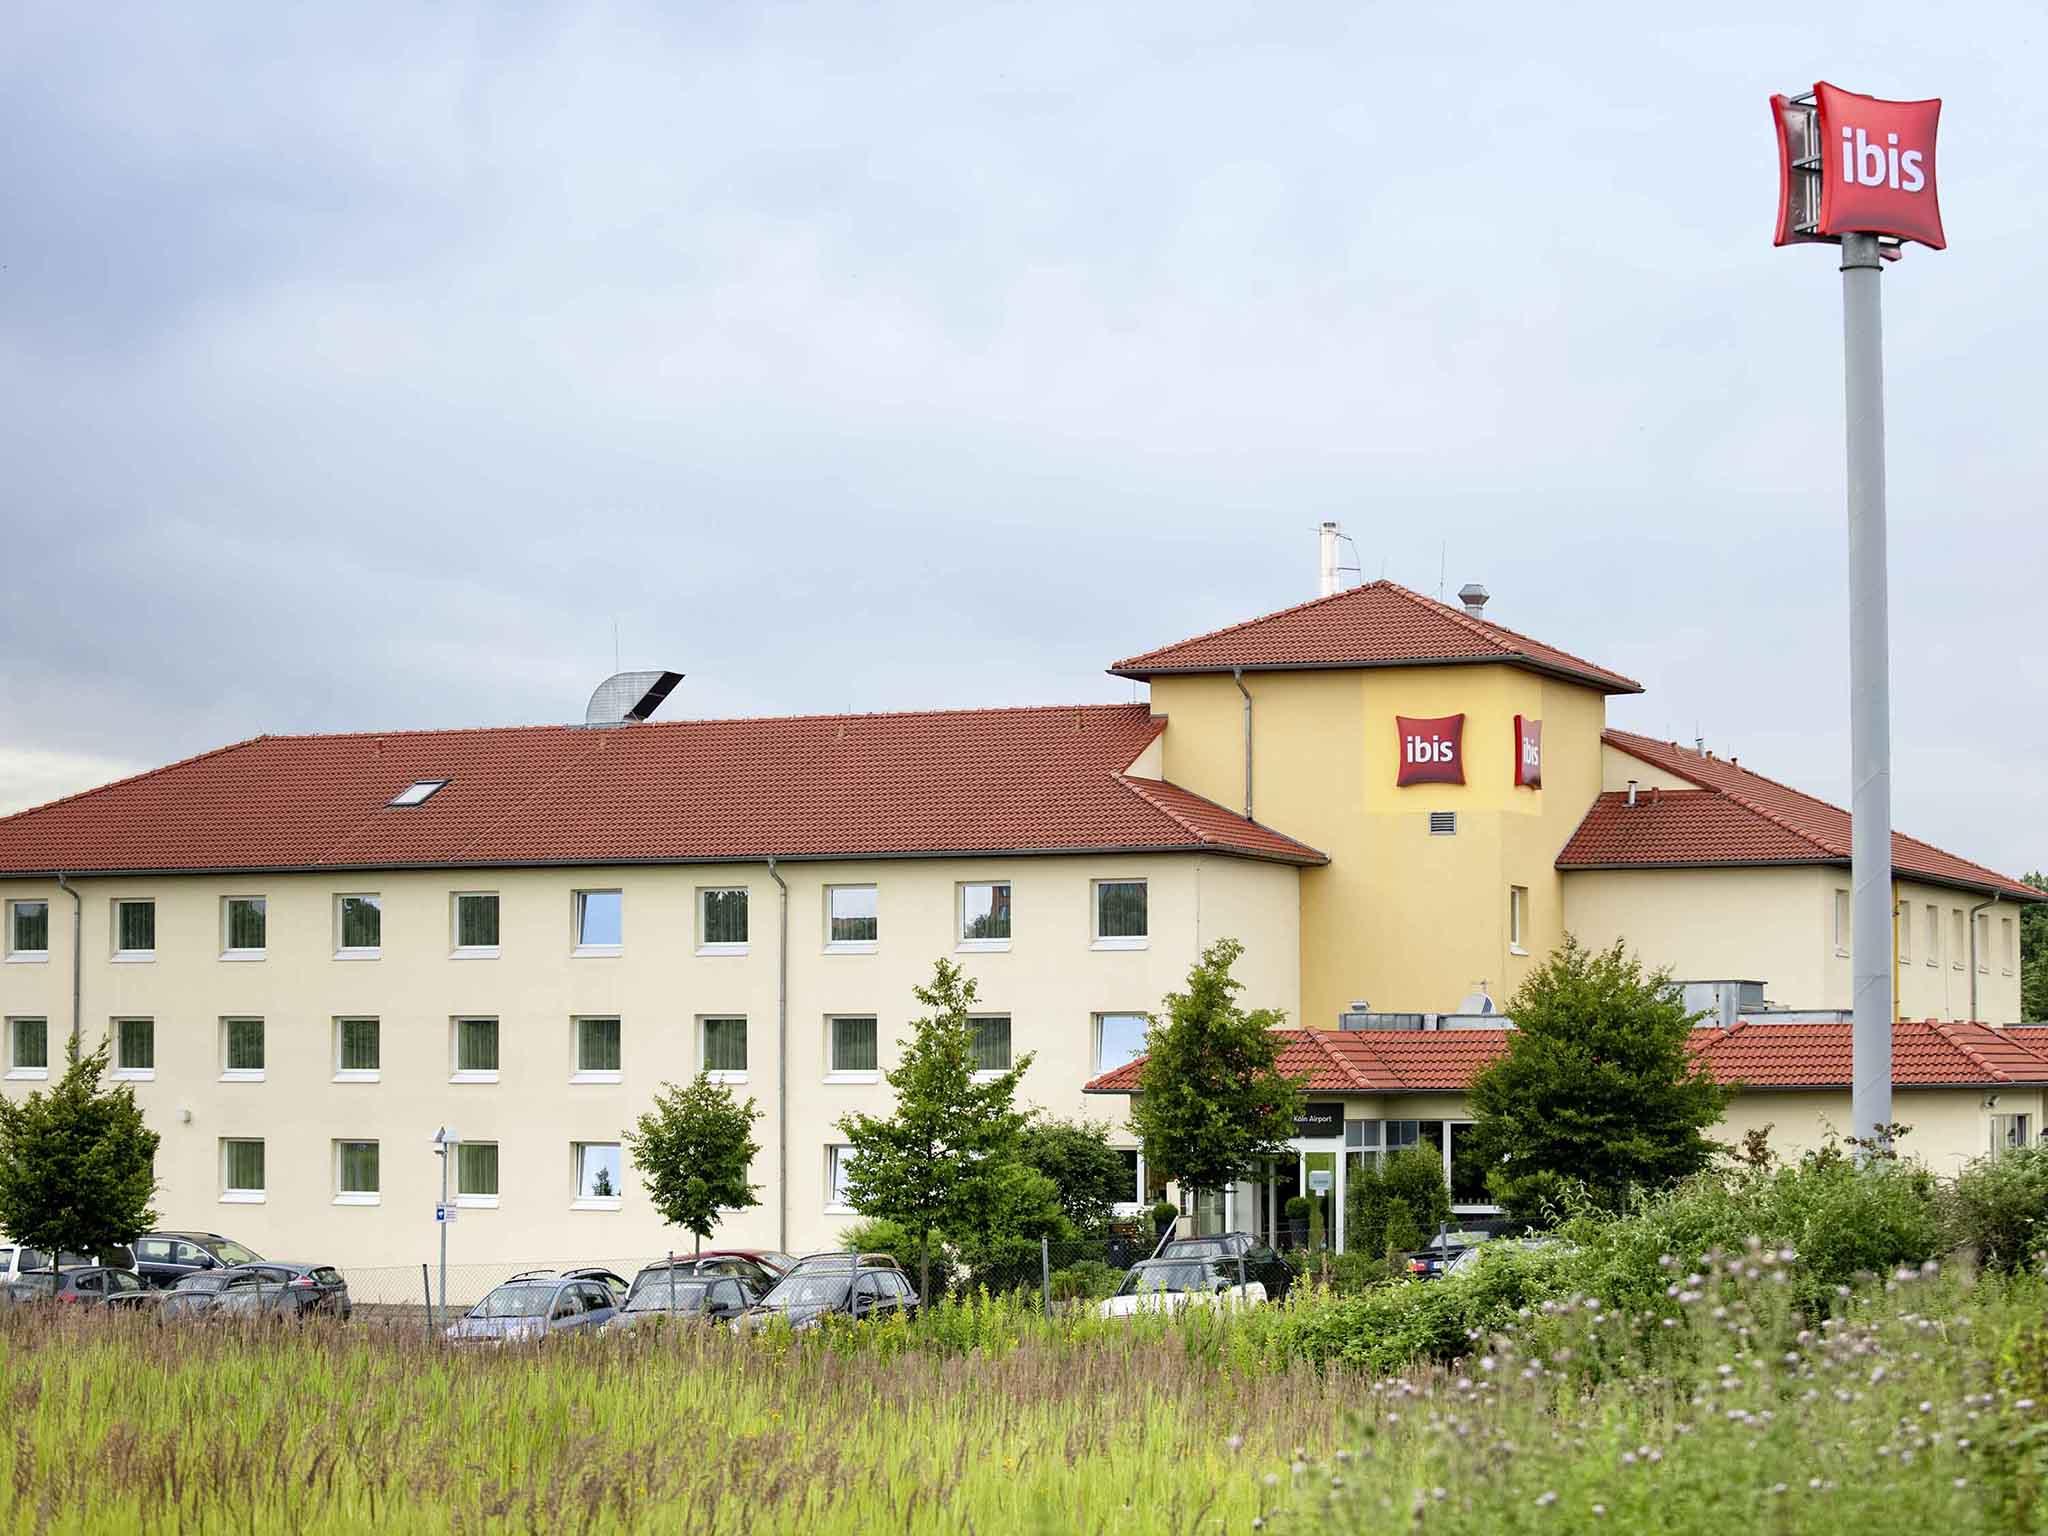 Hôtel - ibis Koeln Airport